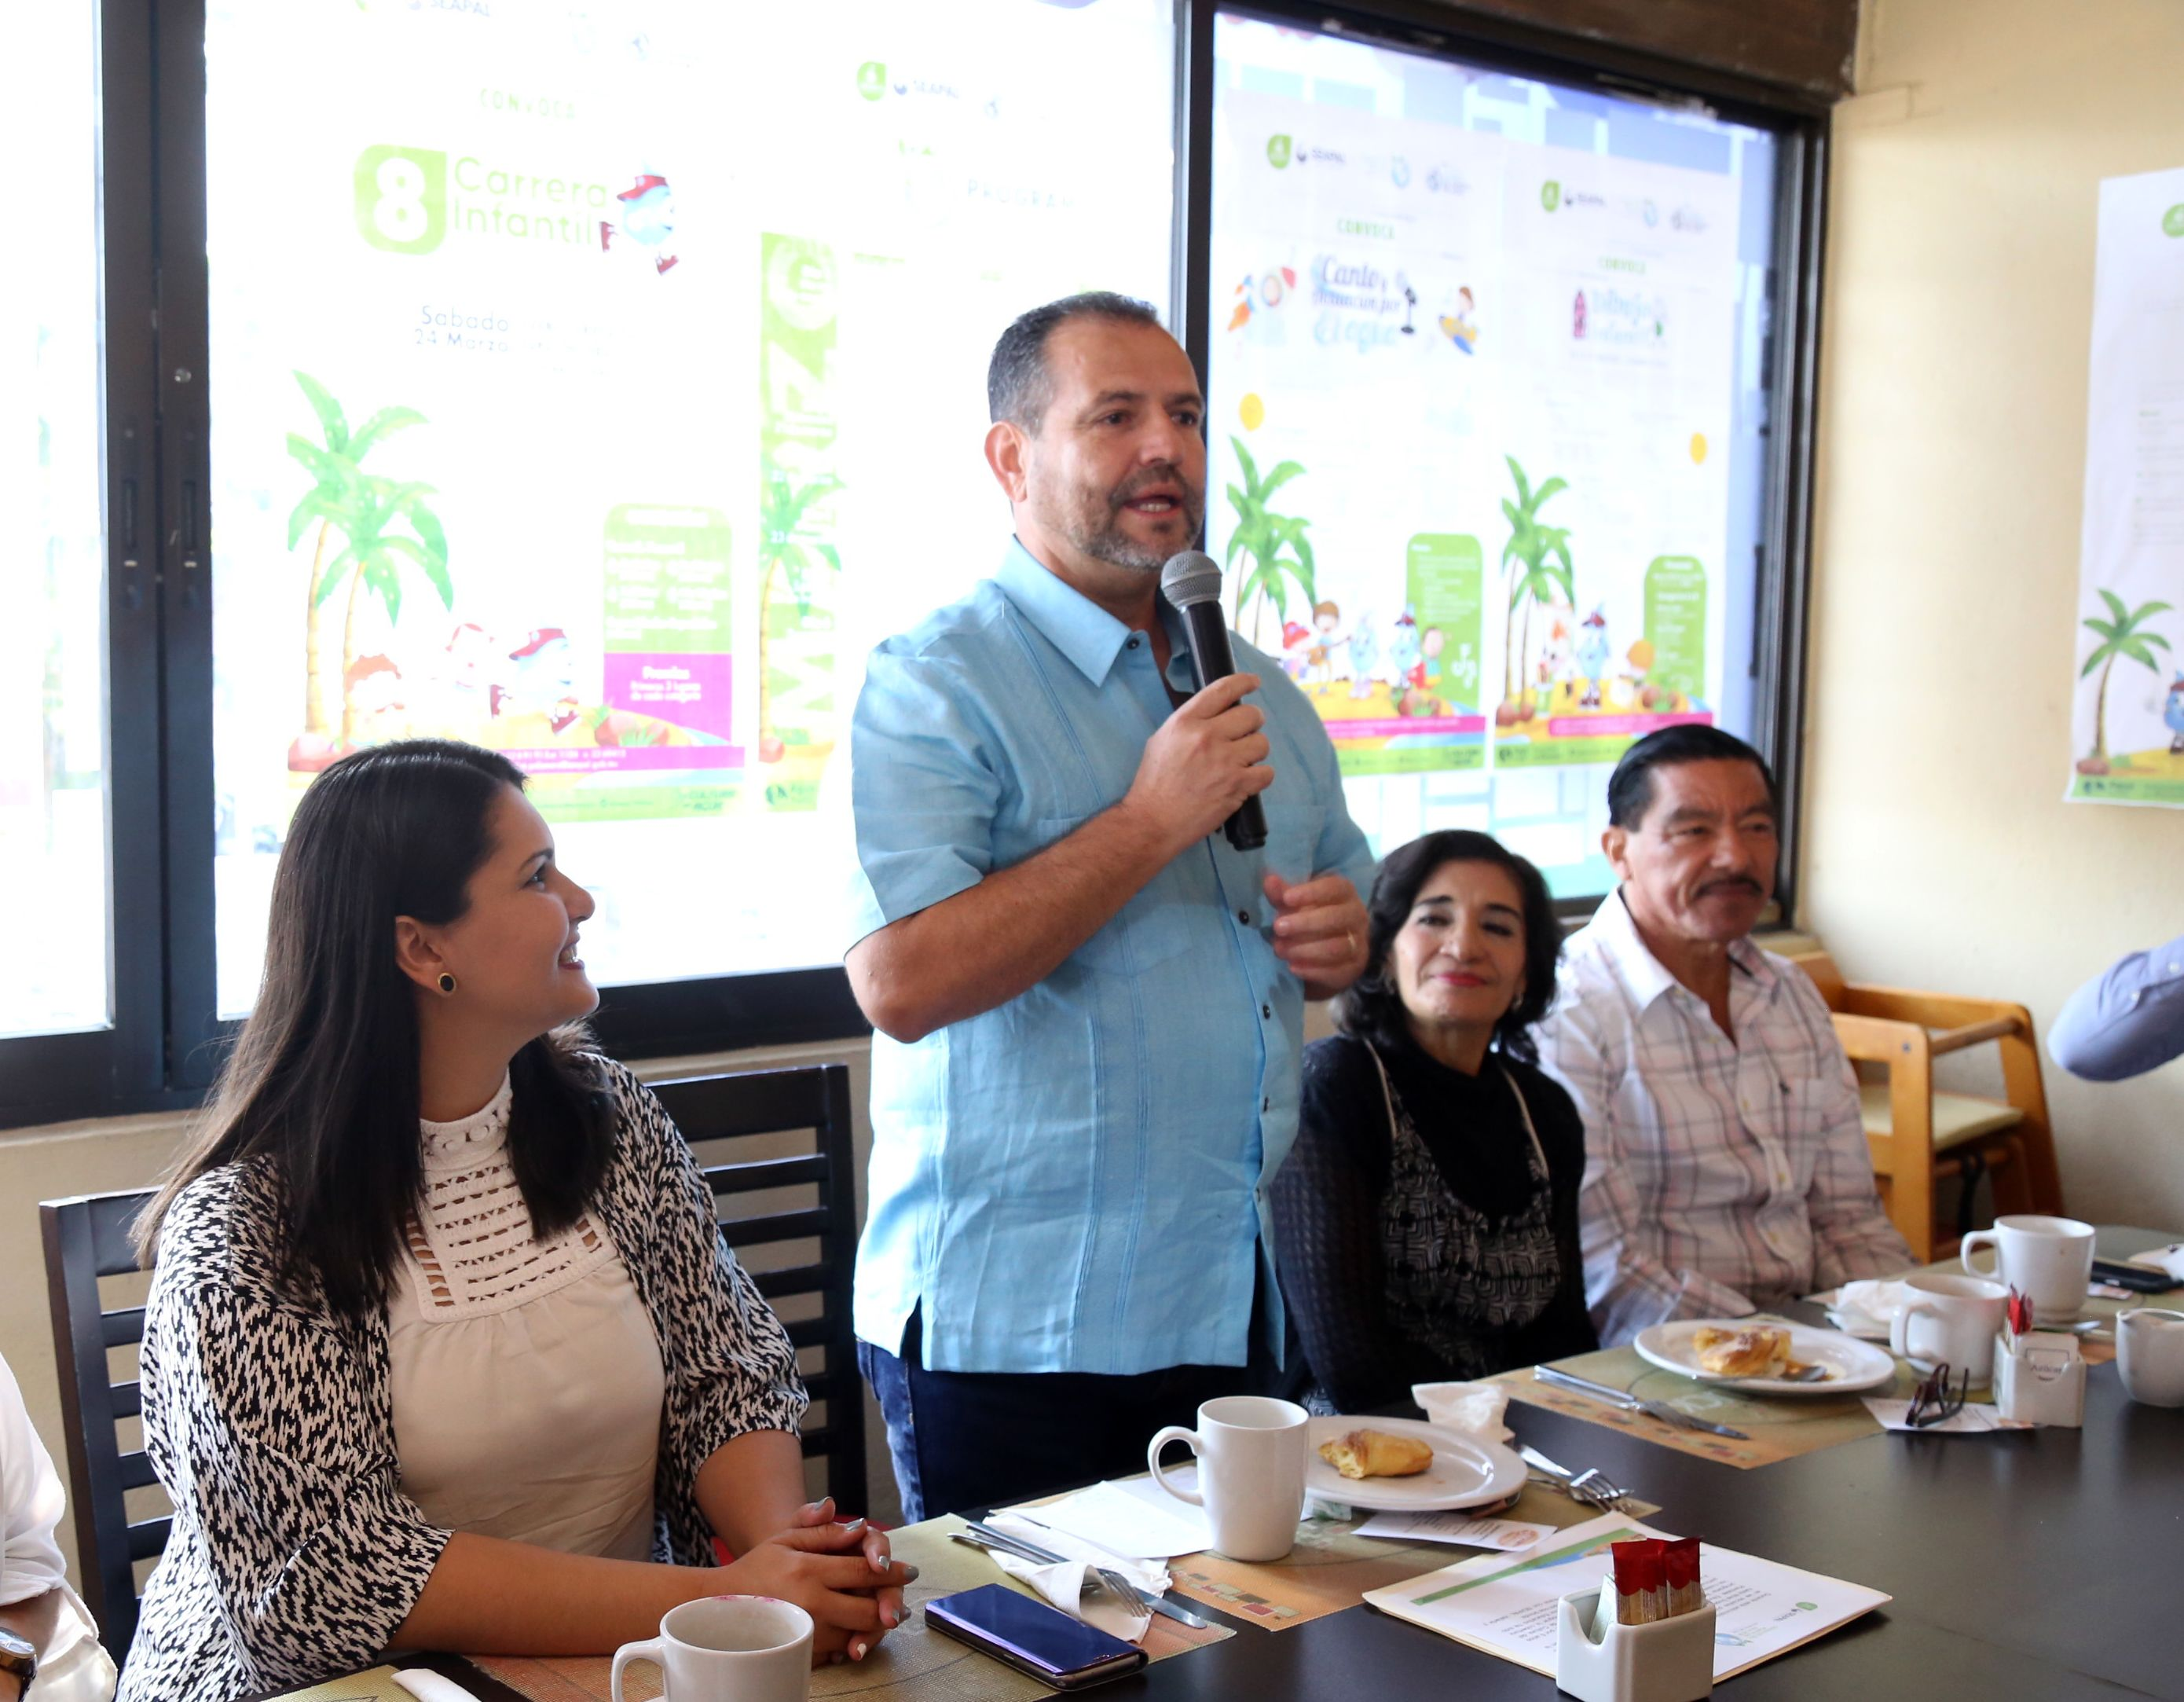 Seapal estrecha lazos de colaboración con el sector educativo